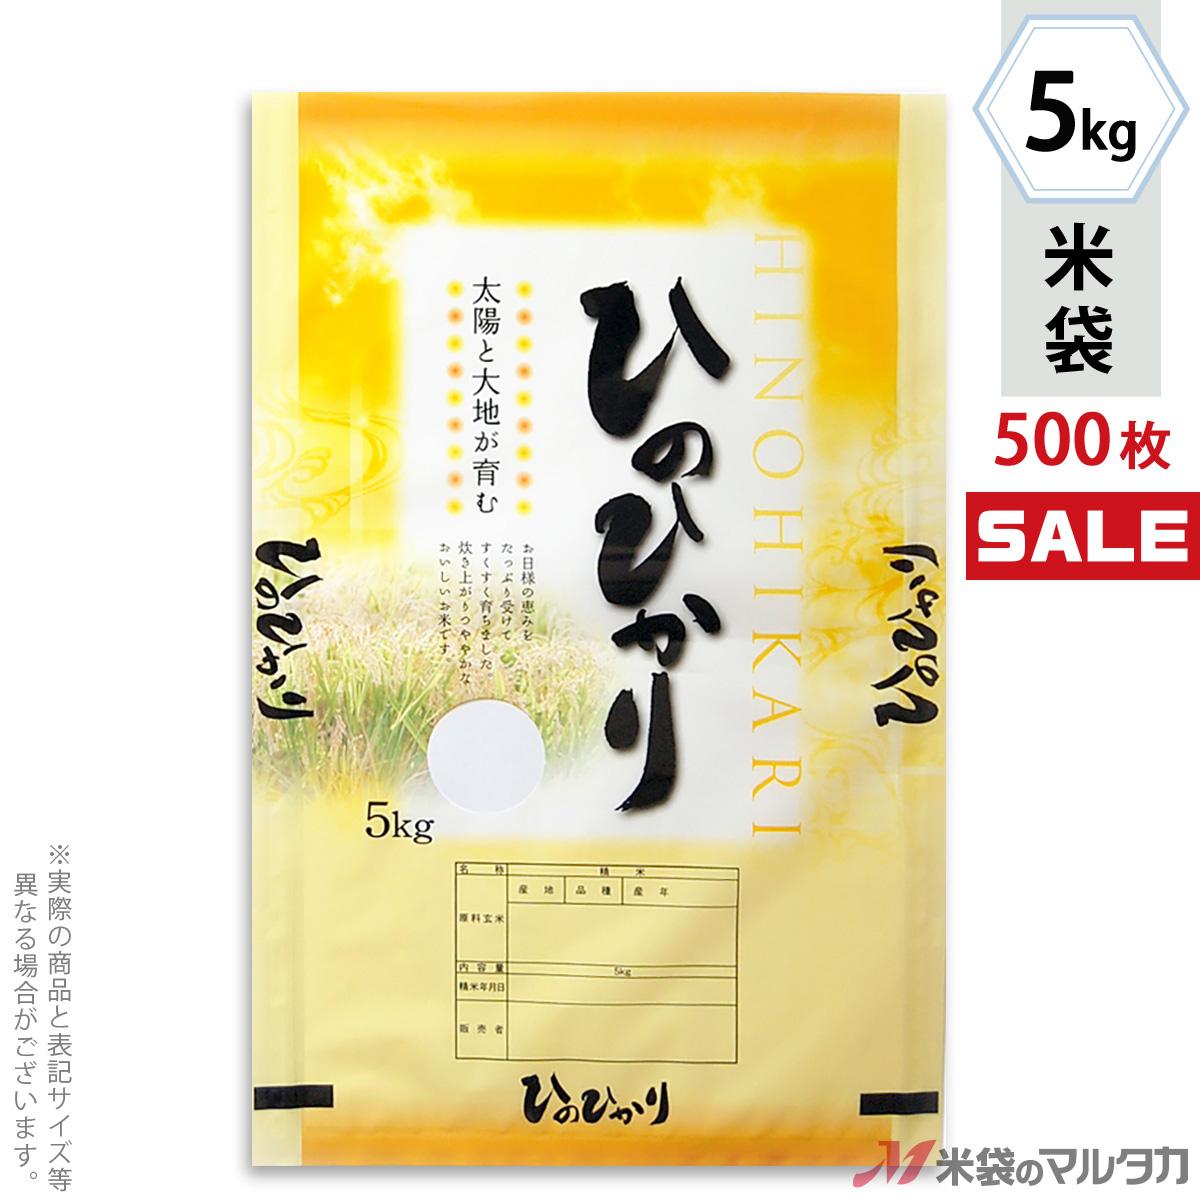 <キャンペーン対応>米袋 ラミ フレブレス ひのひかり 晴々 5kg 1ケース(500枚入) MN-0068